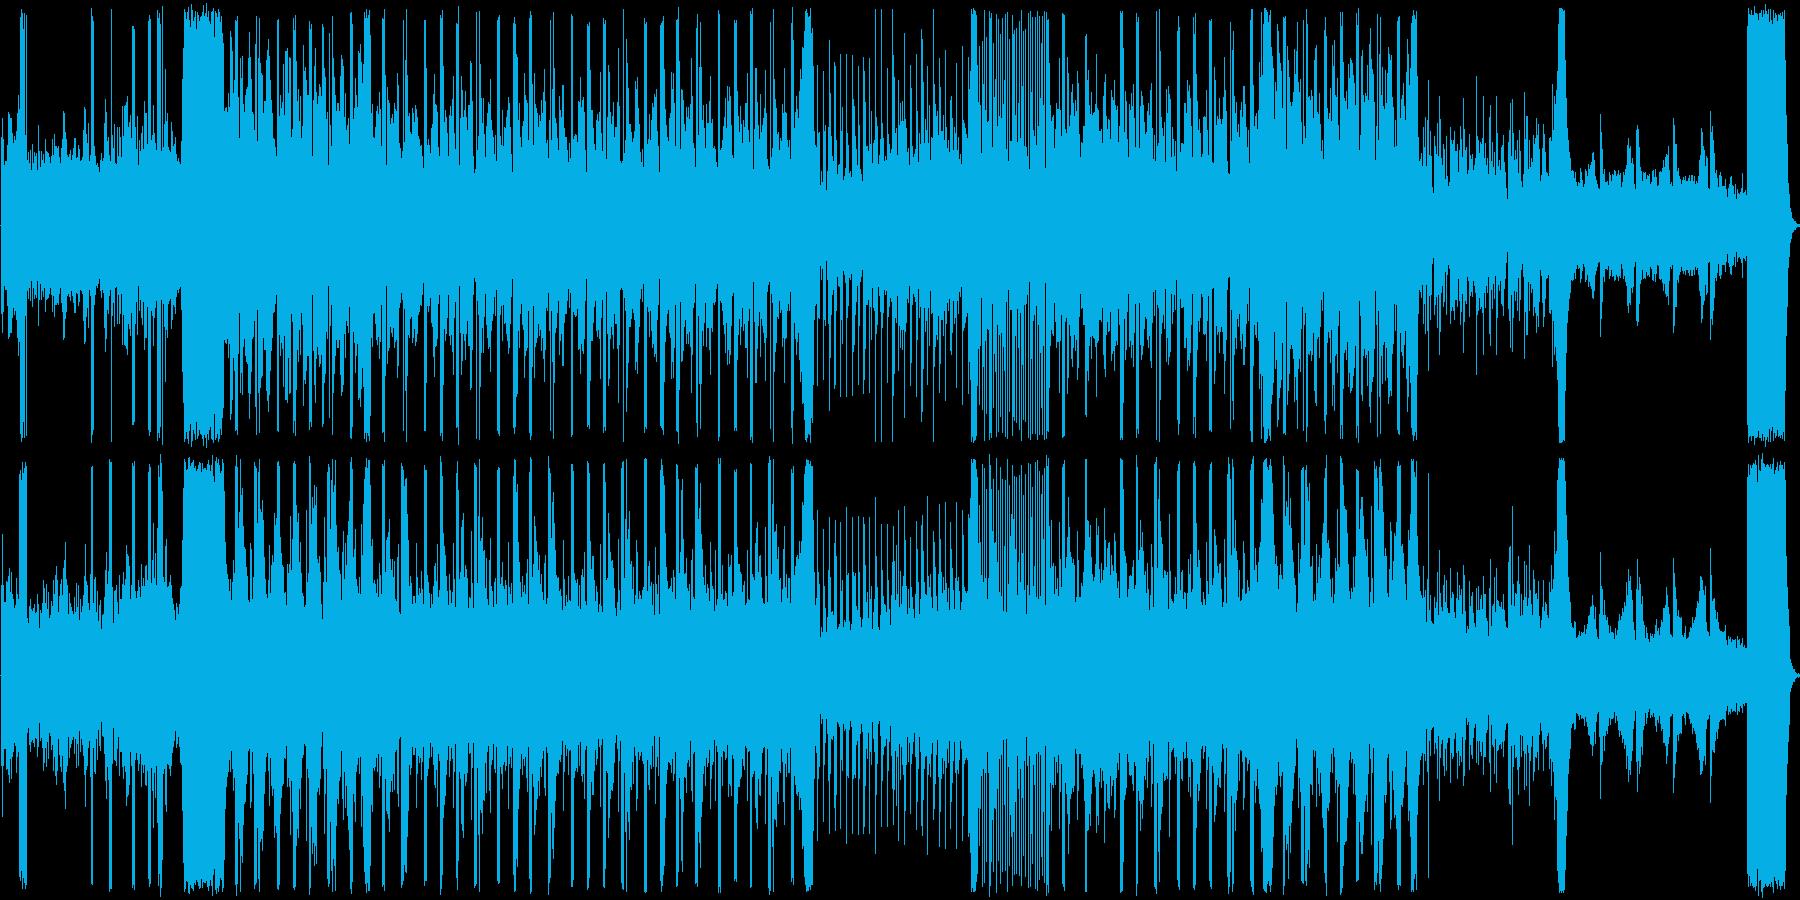 ノイズを使った緊張感のあるホラーな曲の再生済みの波形